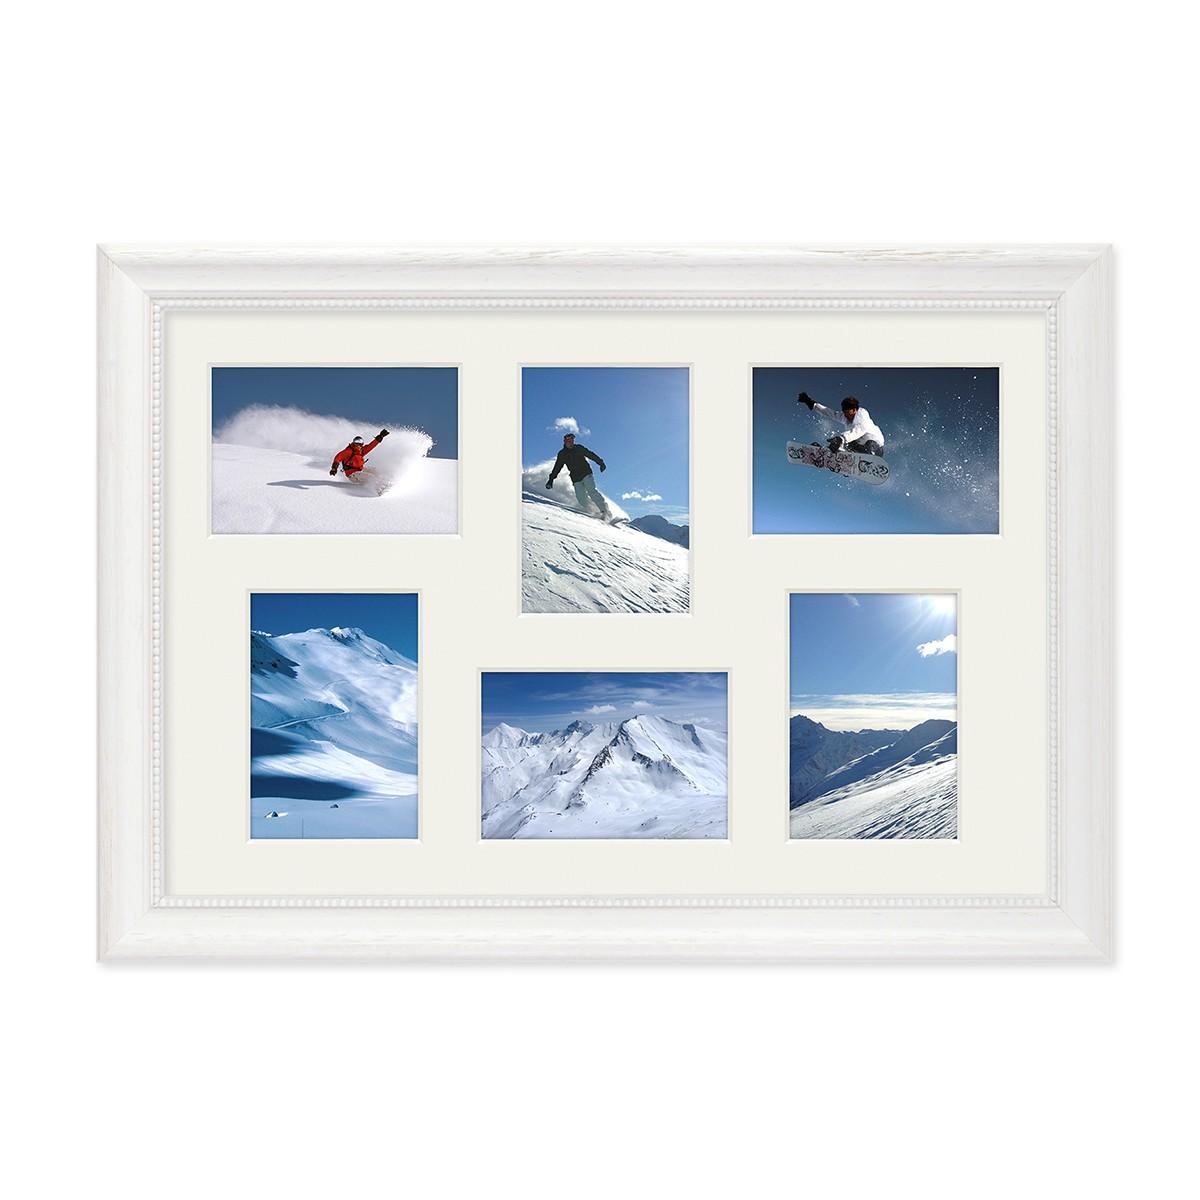 Fotocollage-Bilderrahmen 30x45 cm im Landhaus-Stil Weiss ...